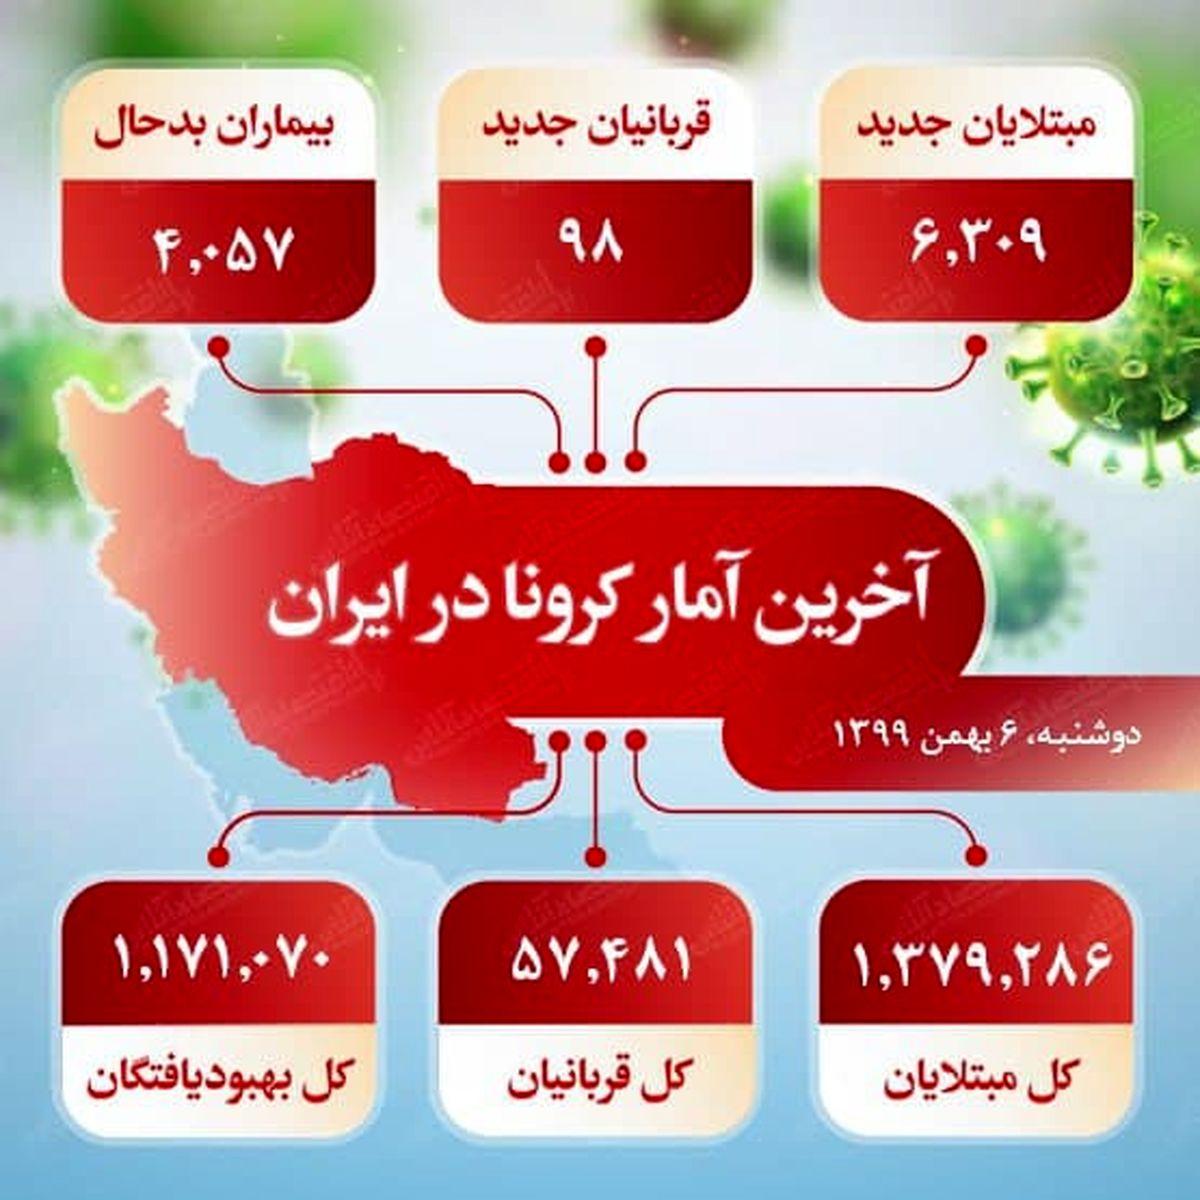 آخرین آمار کرونا در ایران (۹۹/۱۱/۶)